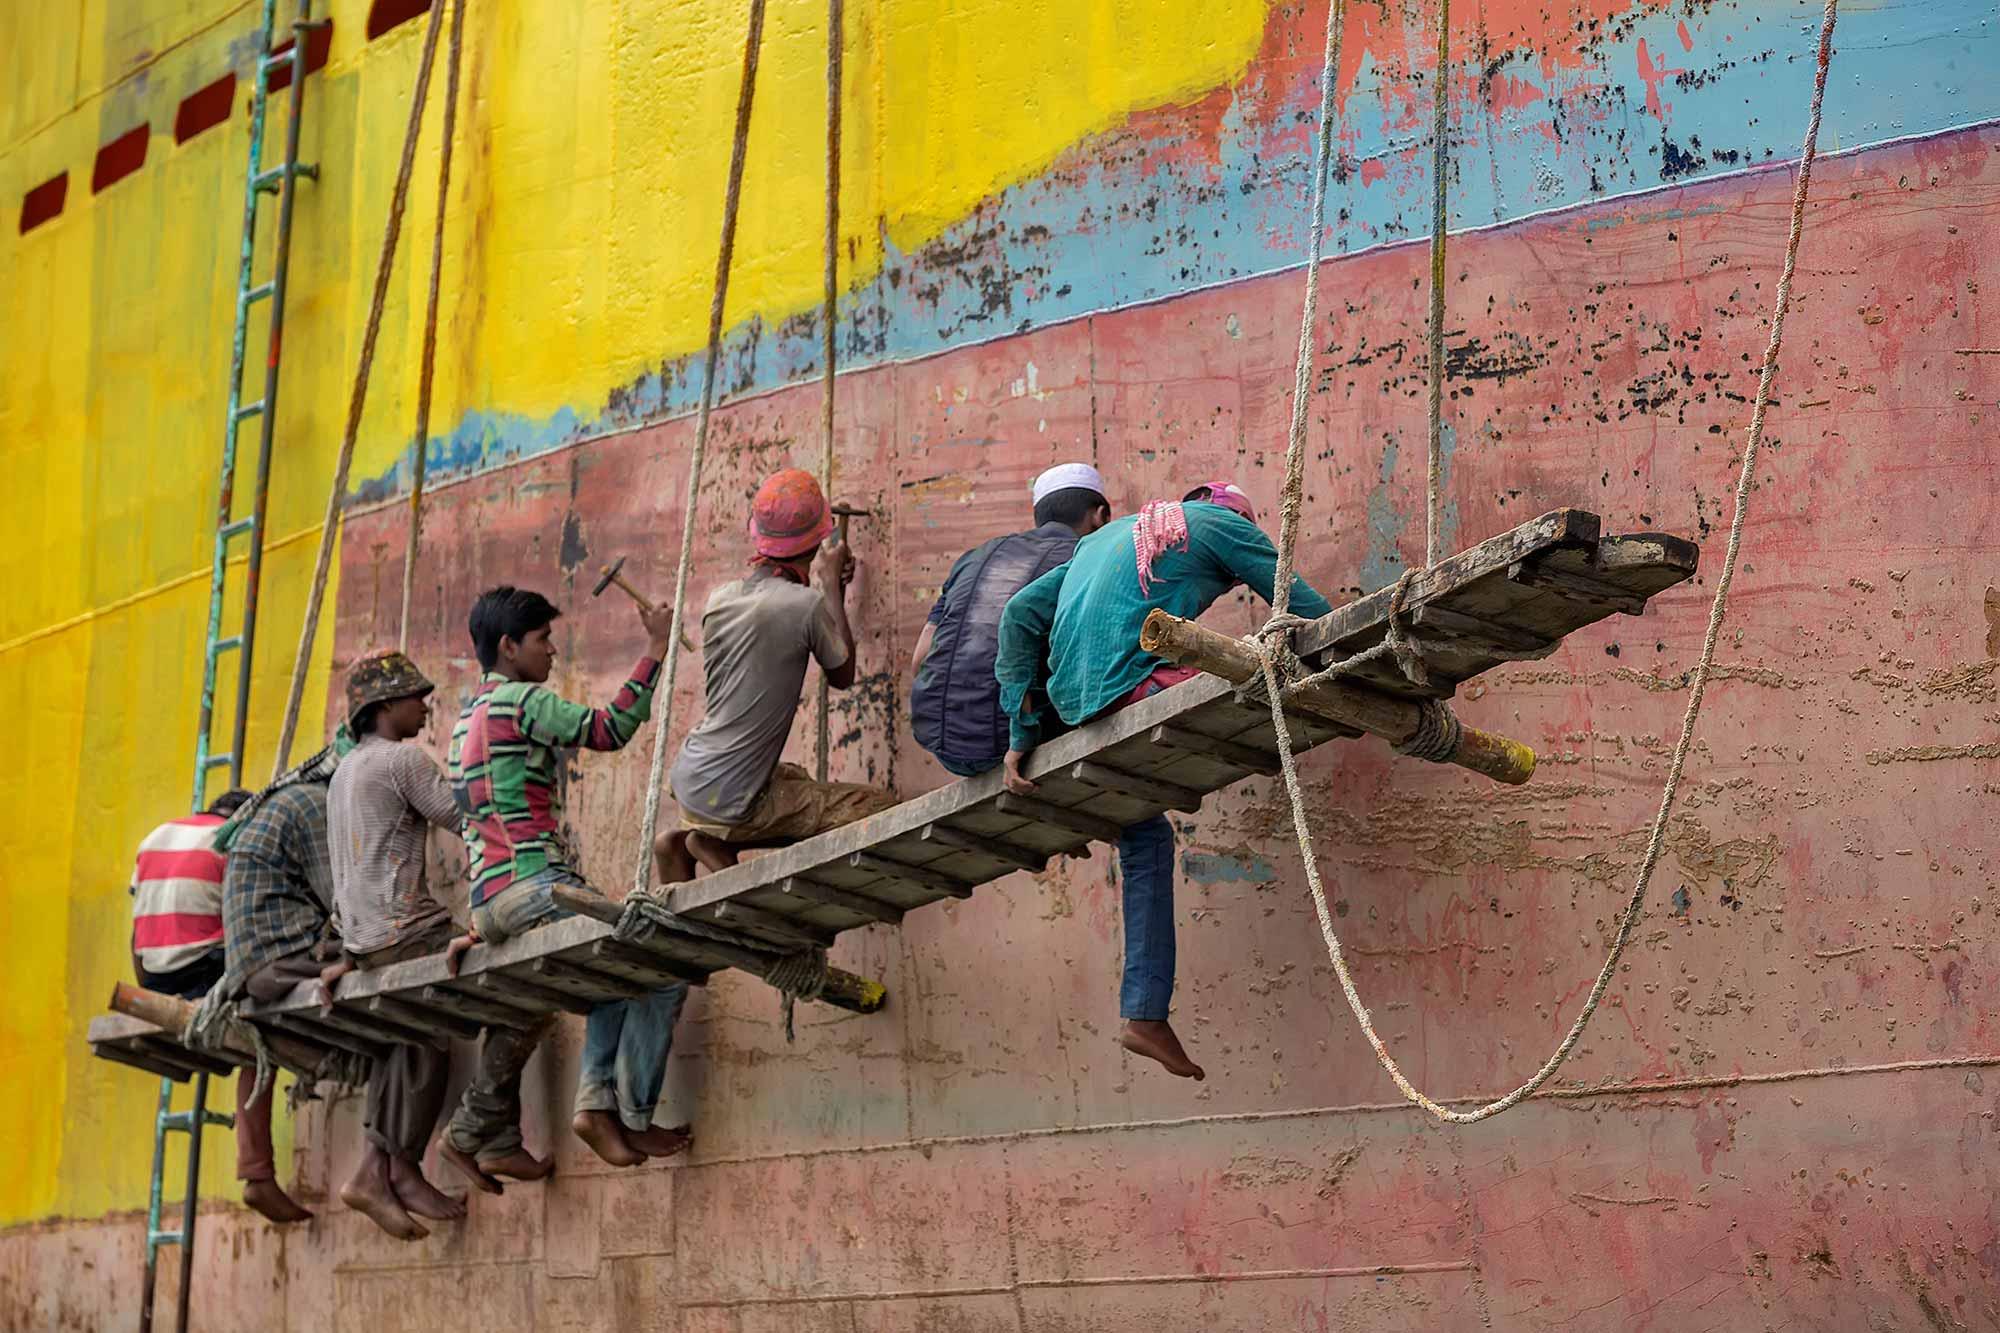 Working men at Sadarghat port in Dhaka, Bangladesh. © Ulli Maier & Nisa Maier